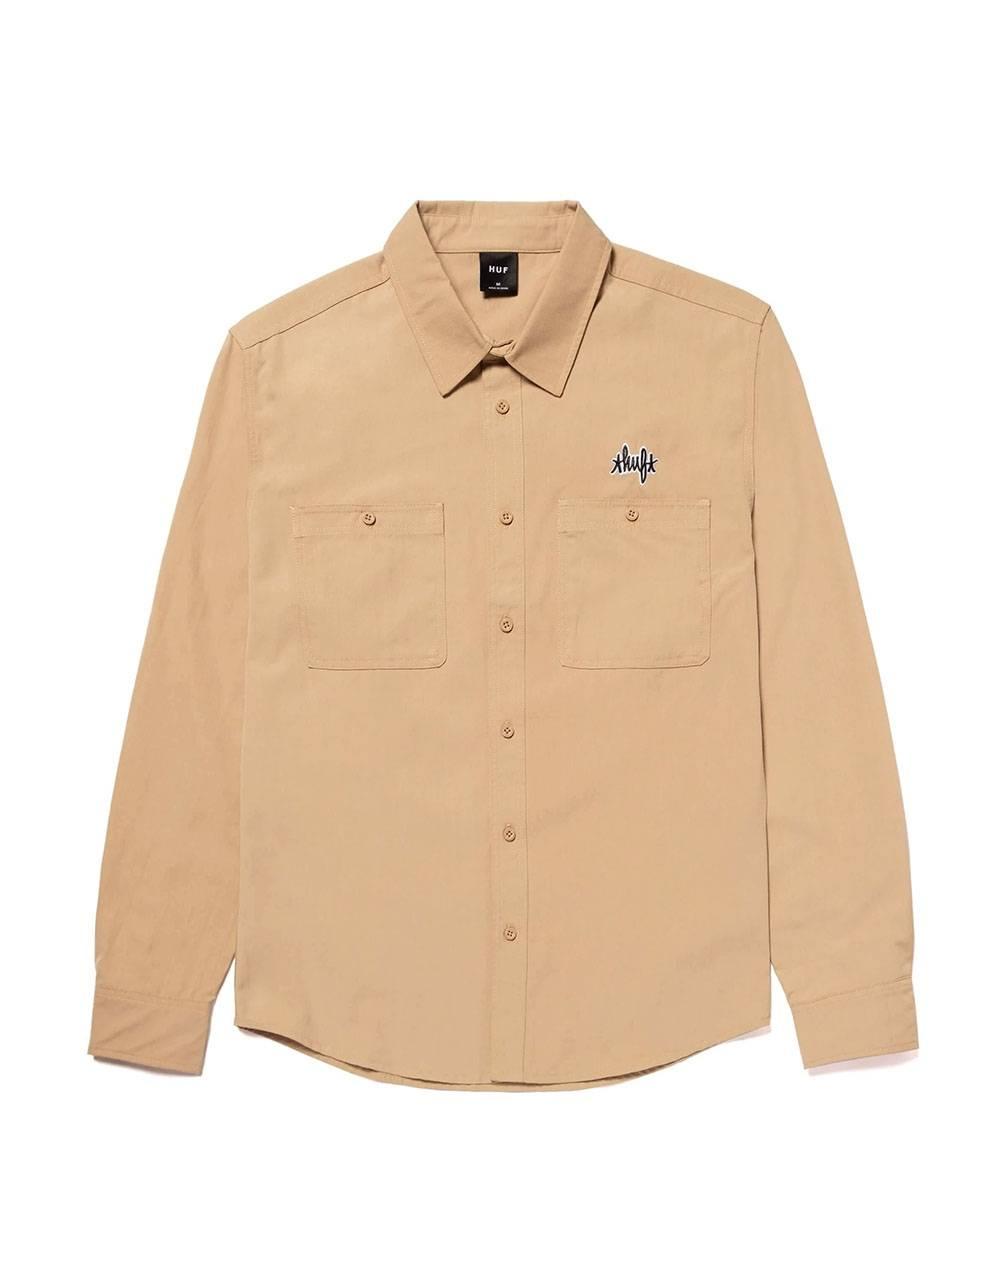 Huf Mechanical l/s shirt - khaki Huf Shirt 122,00€